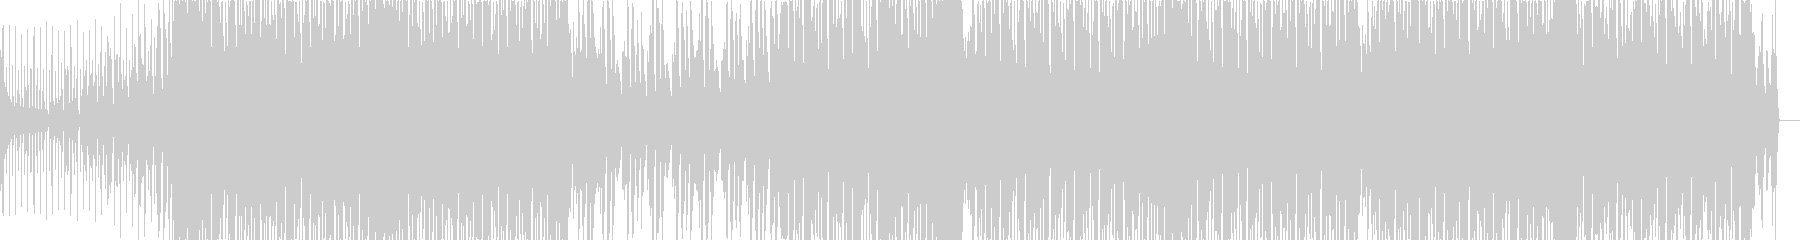 ヴォコーダーが目立つピアノハウスの未再生の波形